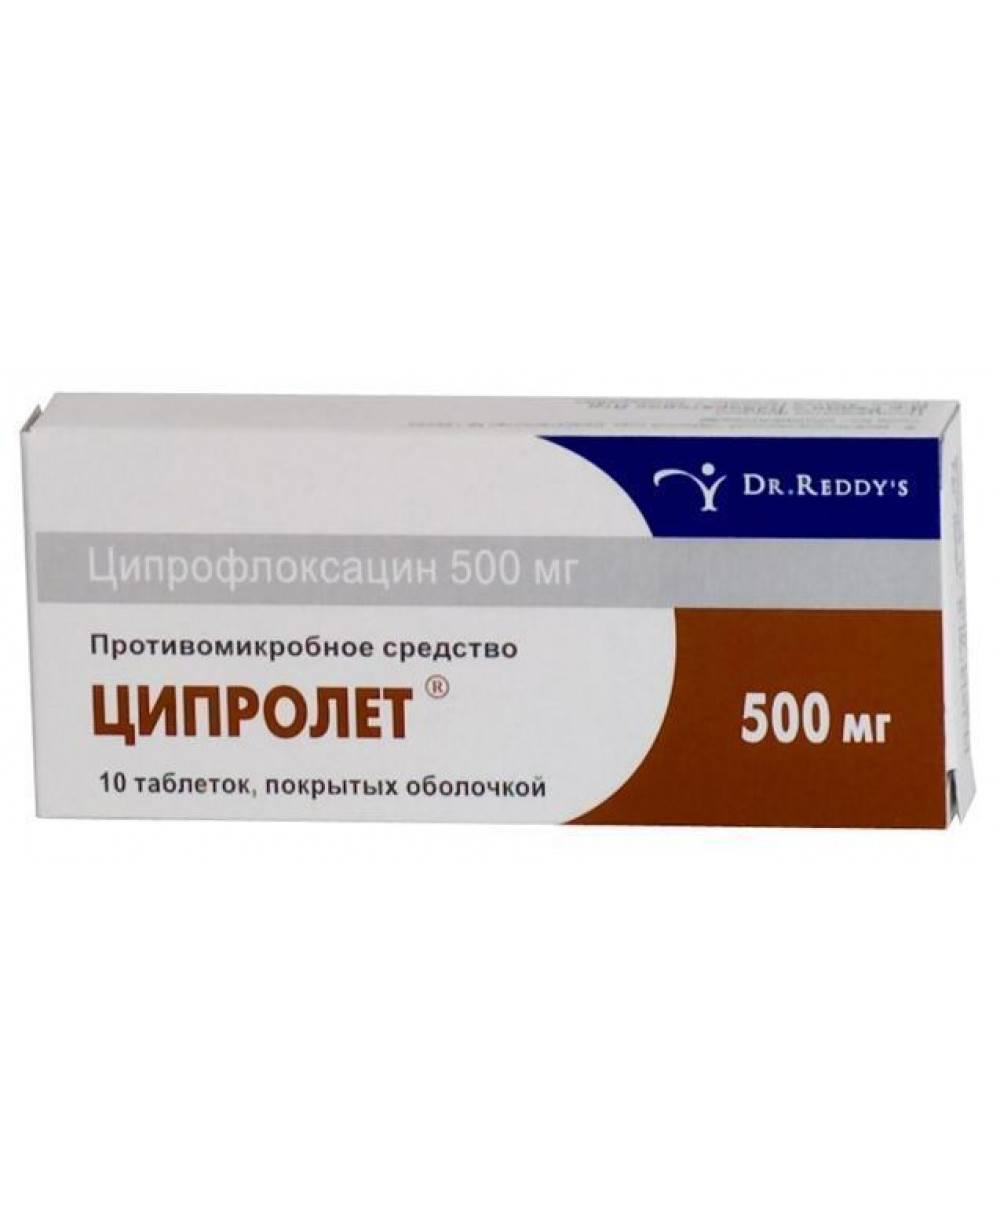 Хороший антибиотик при бронхите: обзор препаратов, особенности применения, противопоказания